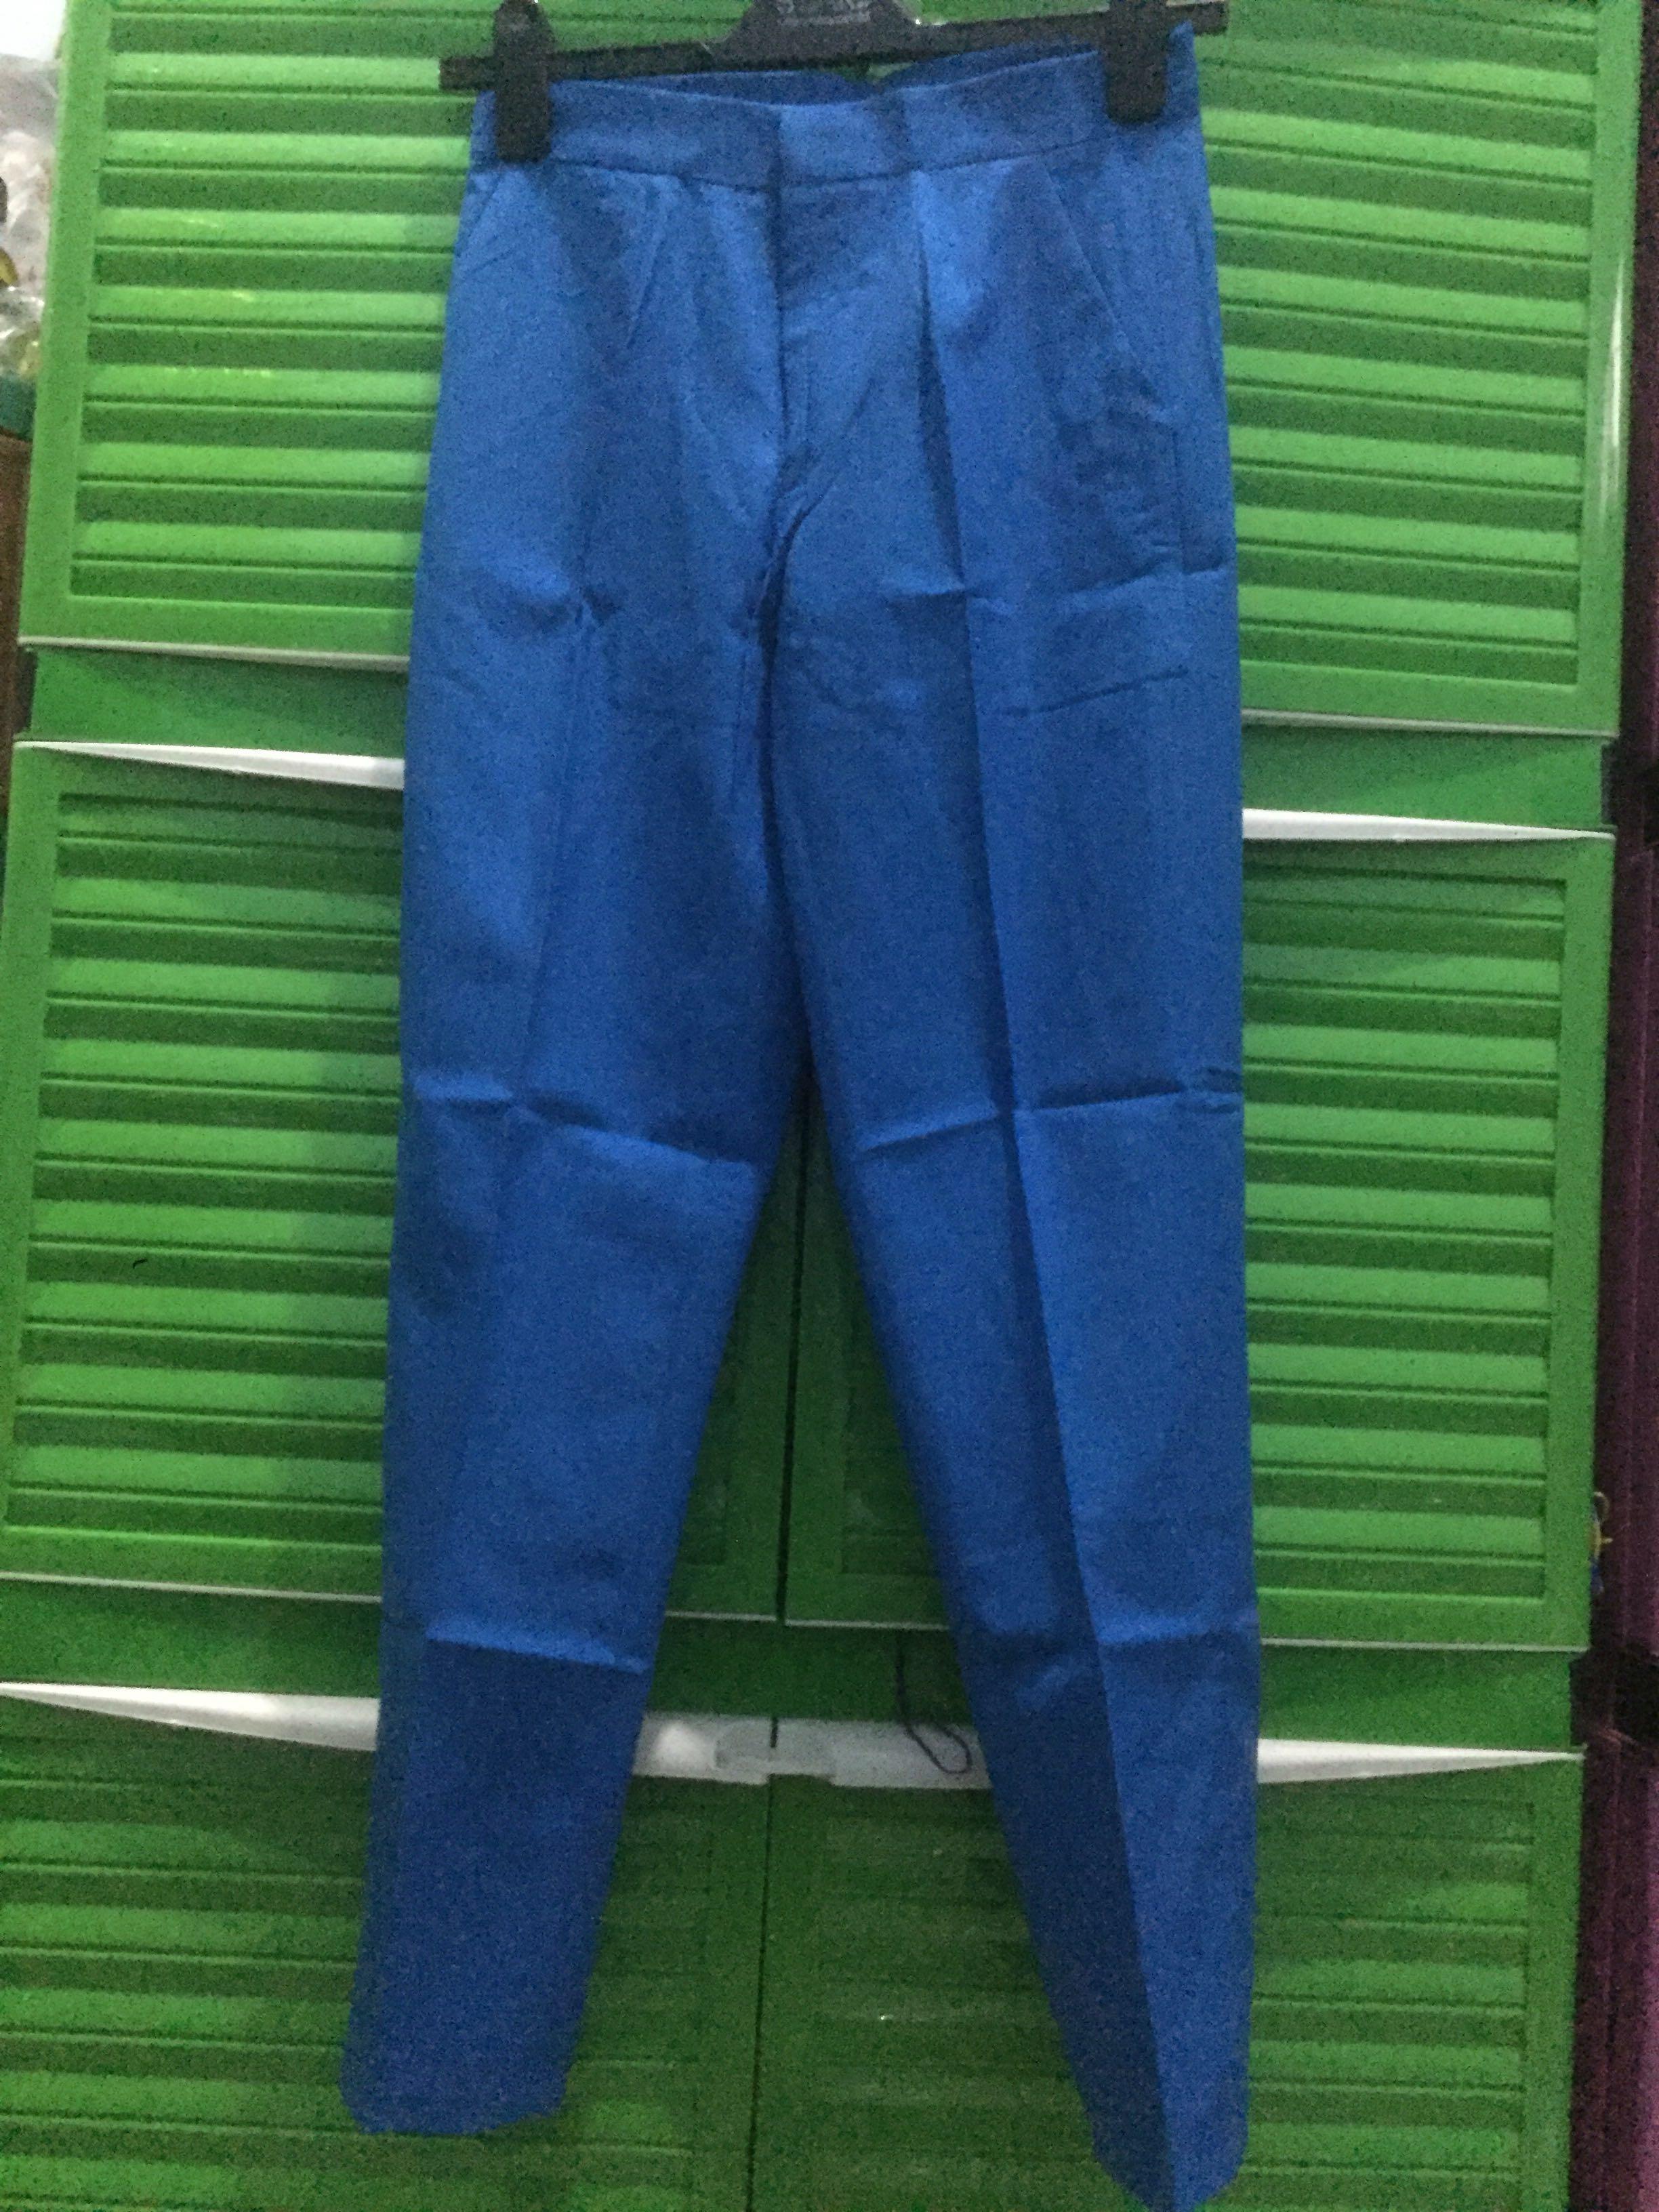 Celana panjang warna biru